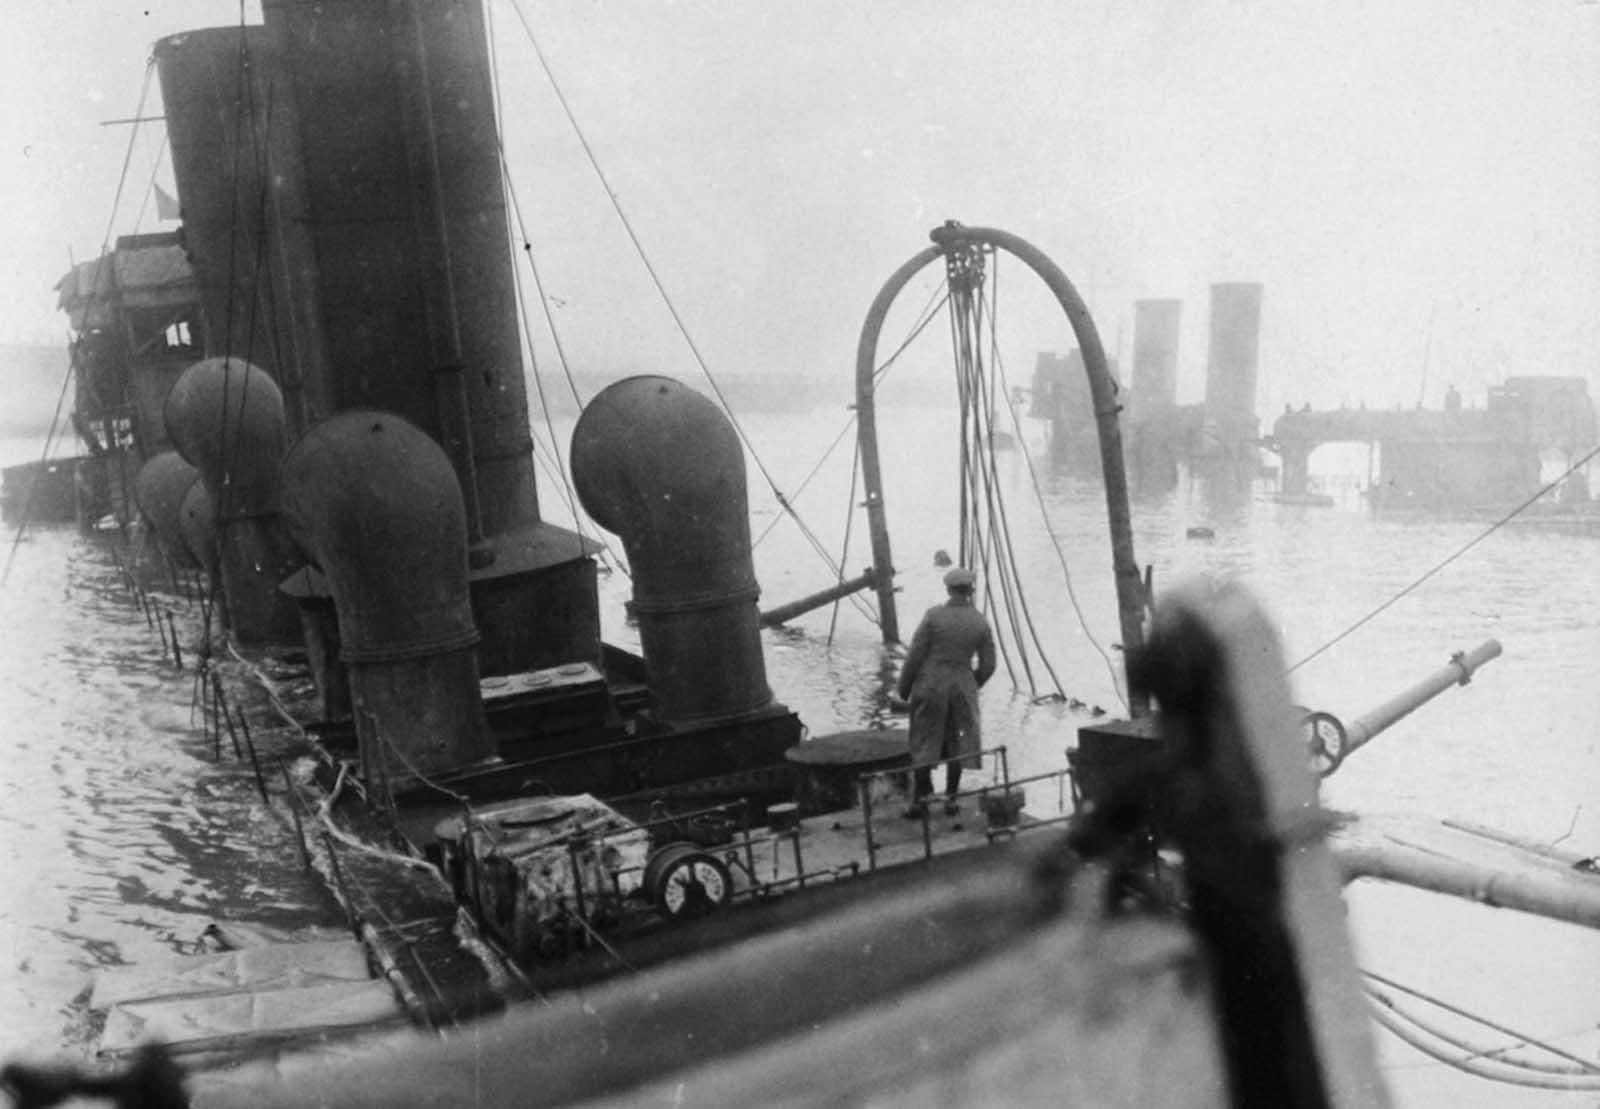 A Zeebrugge Raid-re 1918. április 23-án került sor. A Királyi Haditengerészet megkísérelte blokkolni a belgiumi Bruges-Zeebrugge kikötőt azáltal, hogy régebbi hajókat süllyesztett a csatorna bejáratánál, hogy megakadályozzák a német hajók elhagyását a kikötőből.  Két hajót süllyedt el a csatornába 583 ember életére.  Sajnos a hajókat rossz helyre süllyedték el, és a csatornát napokban újra kinyitották.  A fénykép 1918 májusában készült.